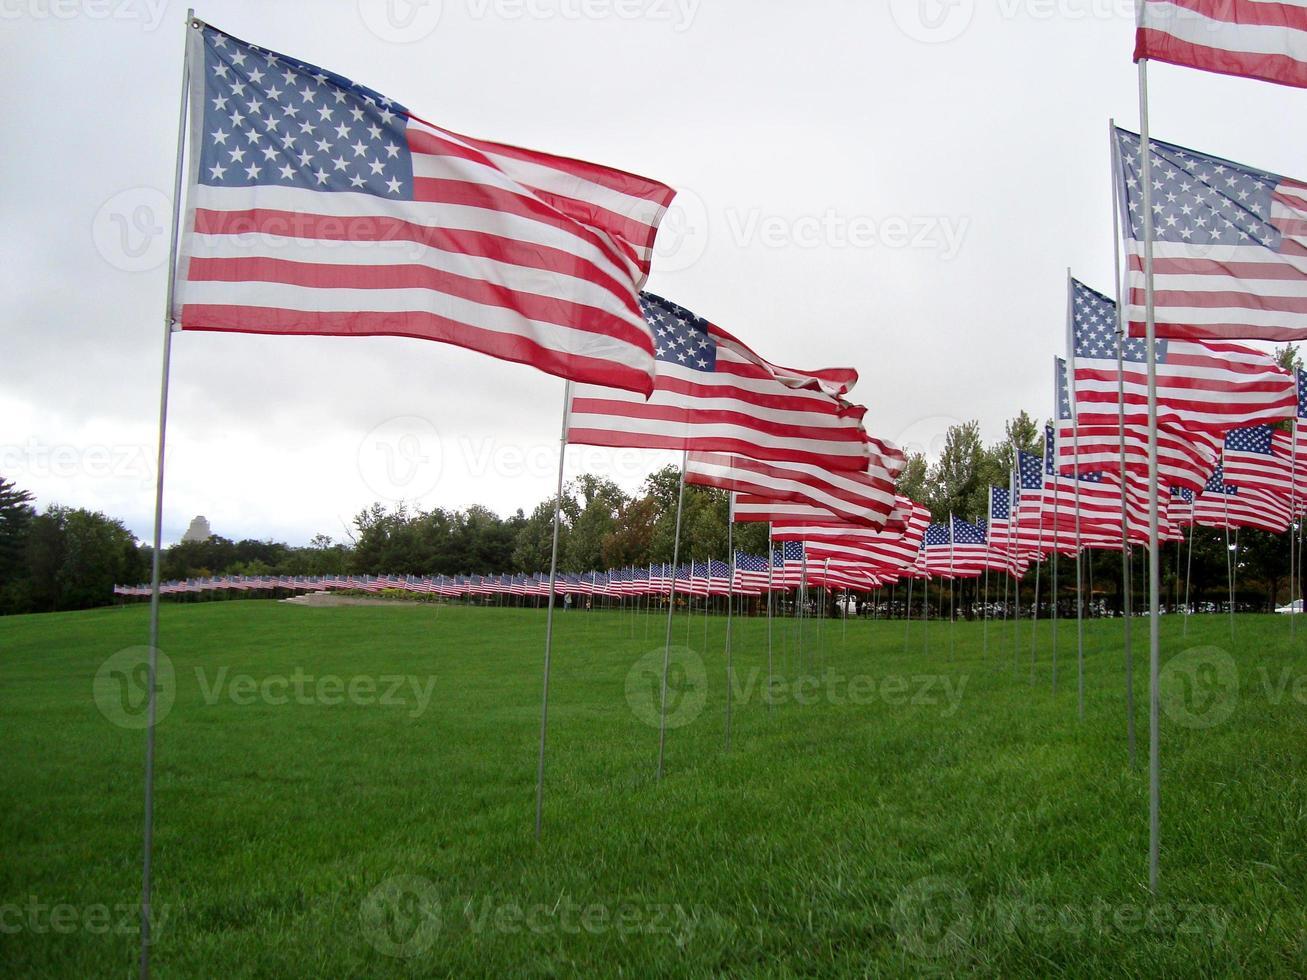 bandeiras americanas em homenagem aos ataques de 11 de setembro foto